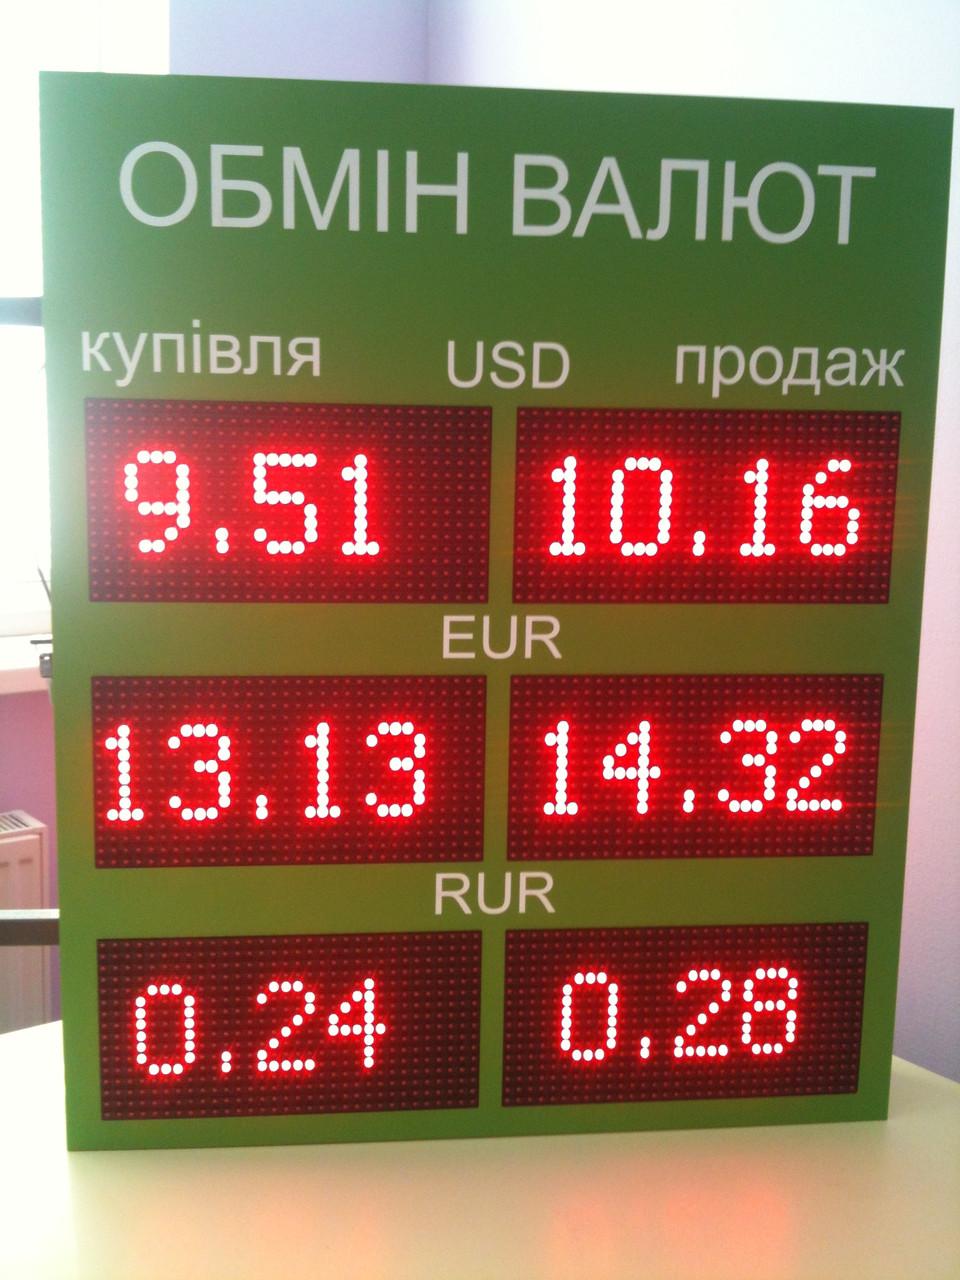 Светодиодное табло валют (одностороннее) - Интернет-магазин Файно в Львове